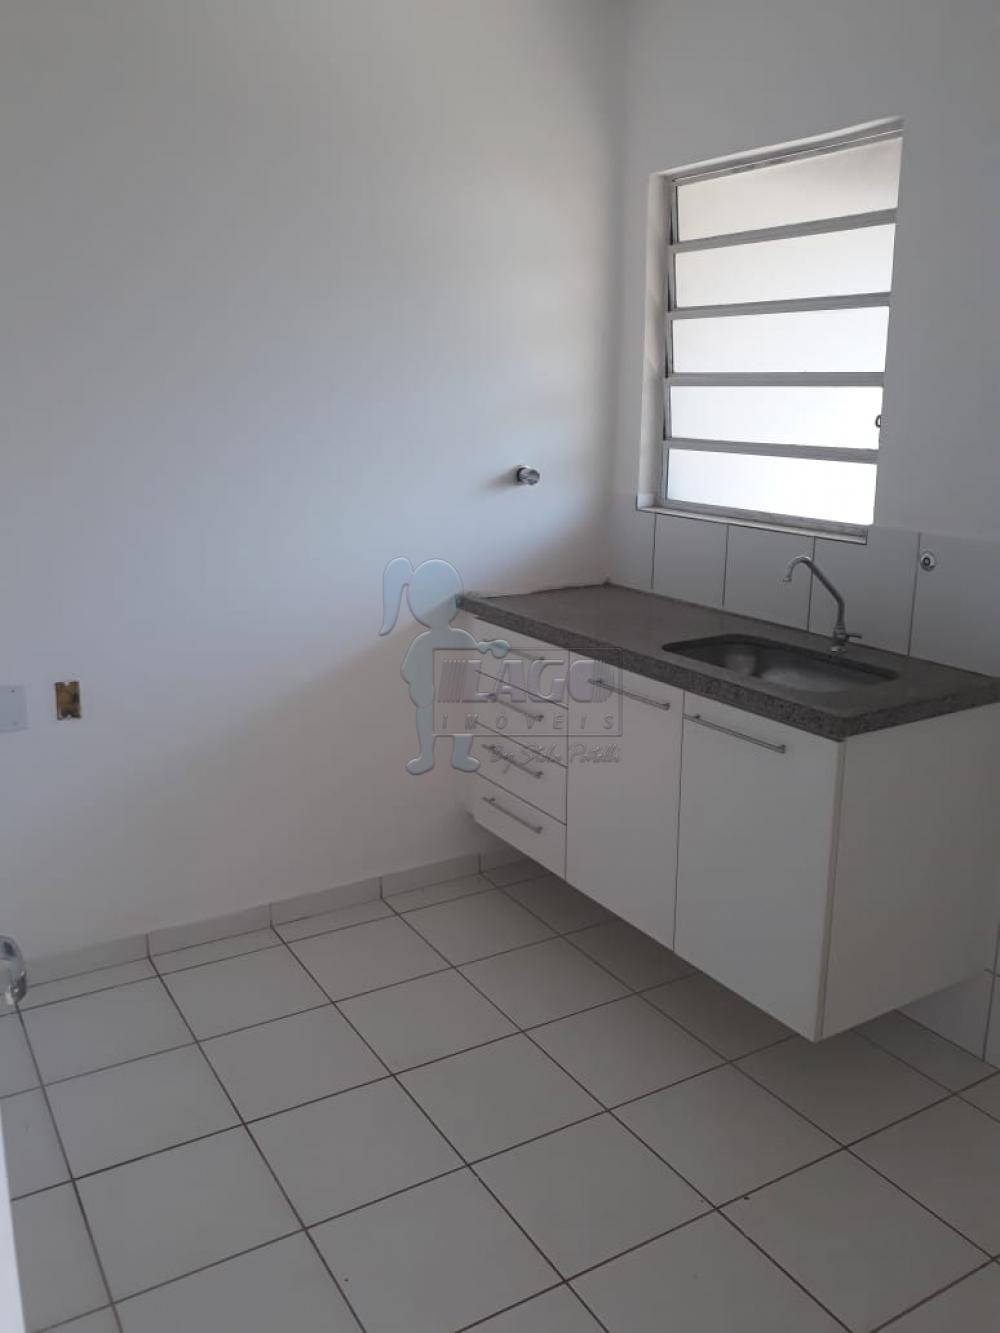 Comprar Casas / Condomínio em Ribeirão Preto apenas R$ 375.000,00 - Foto 9